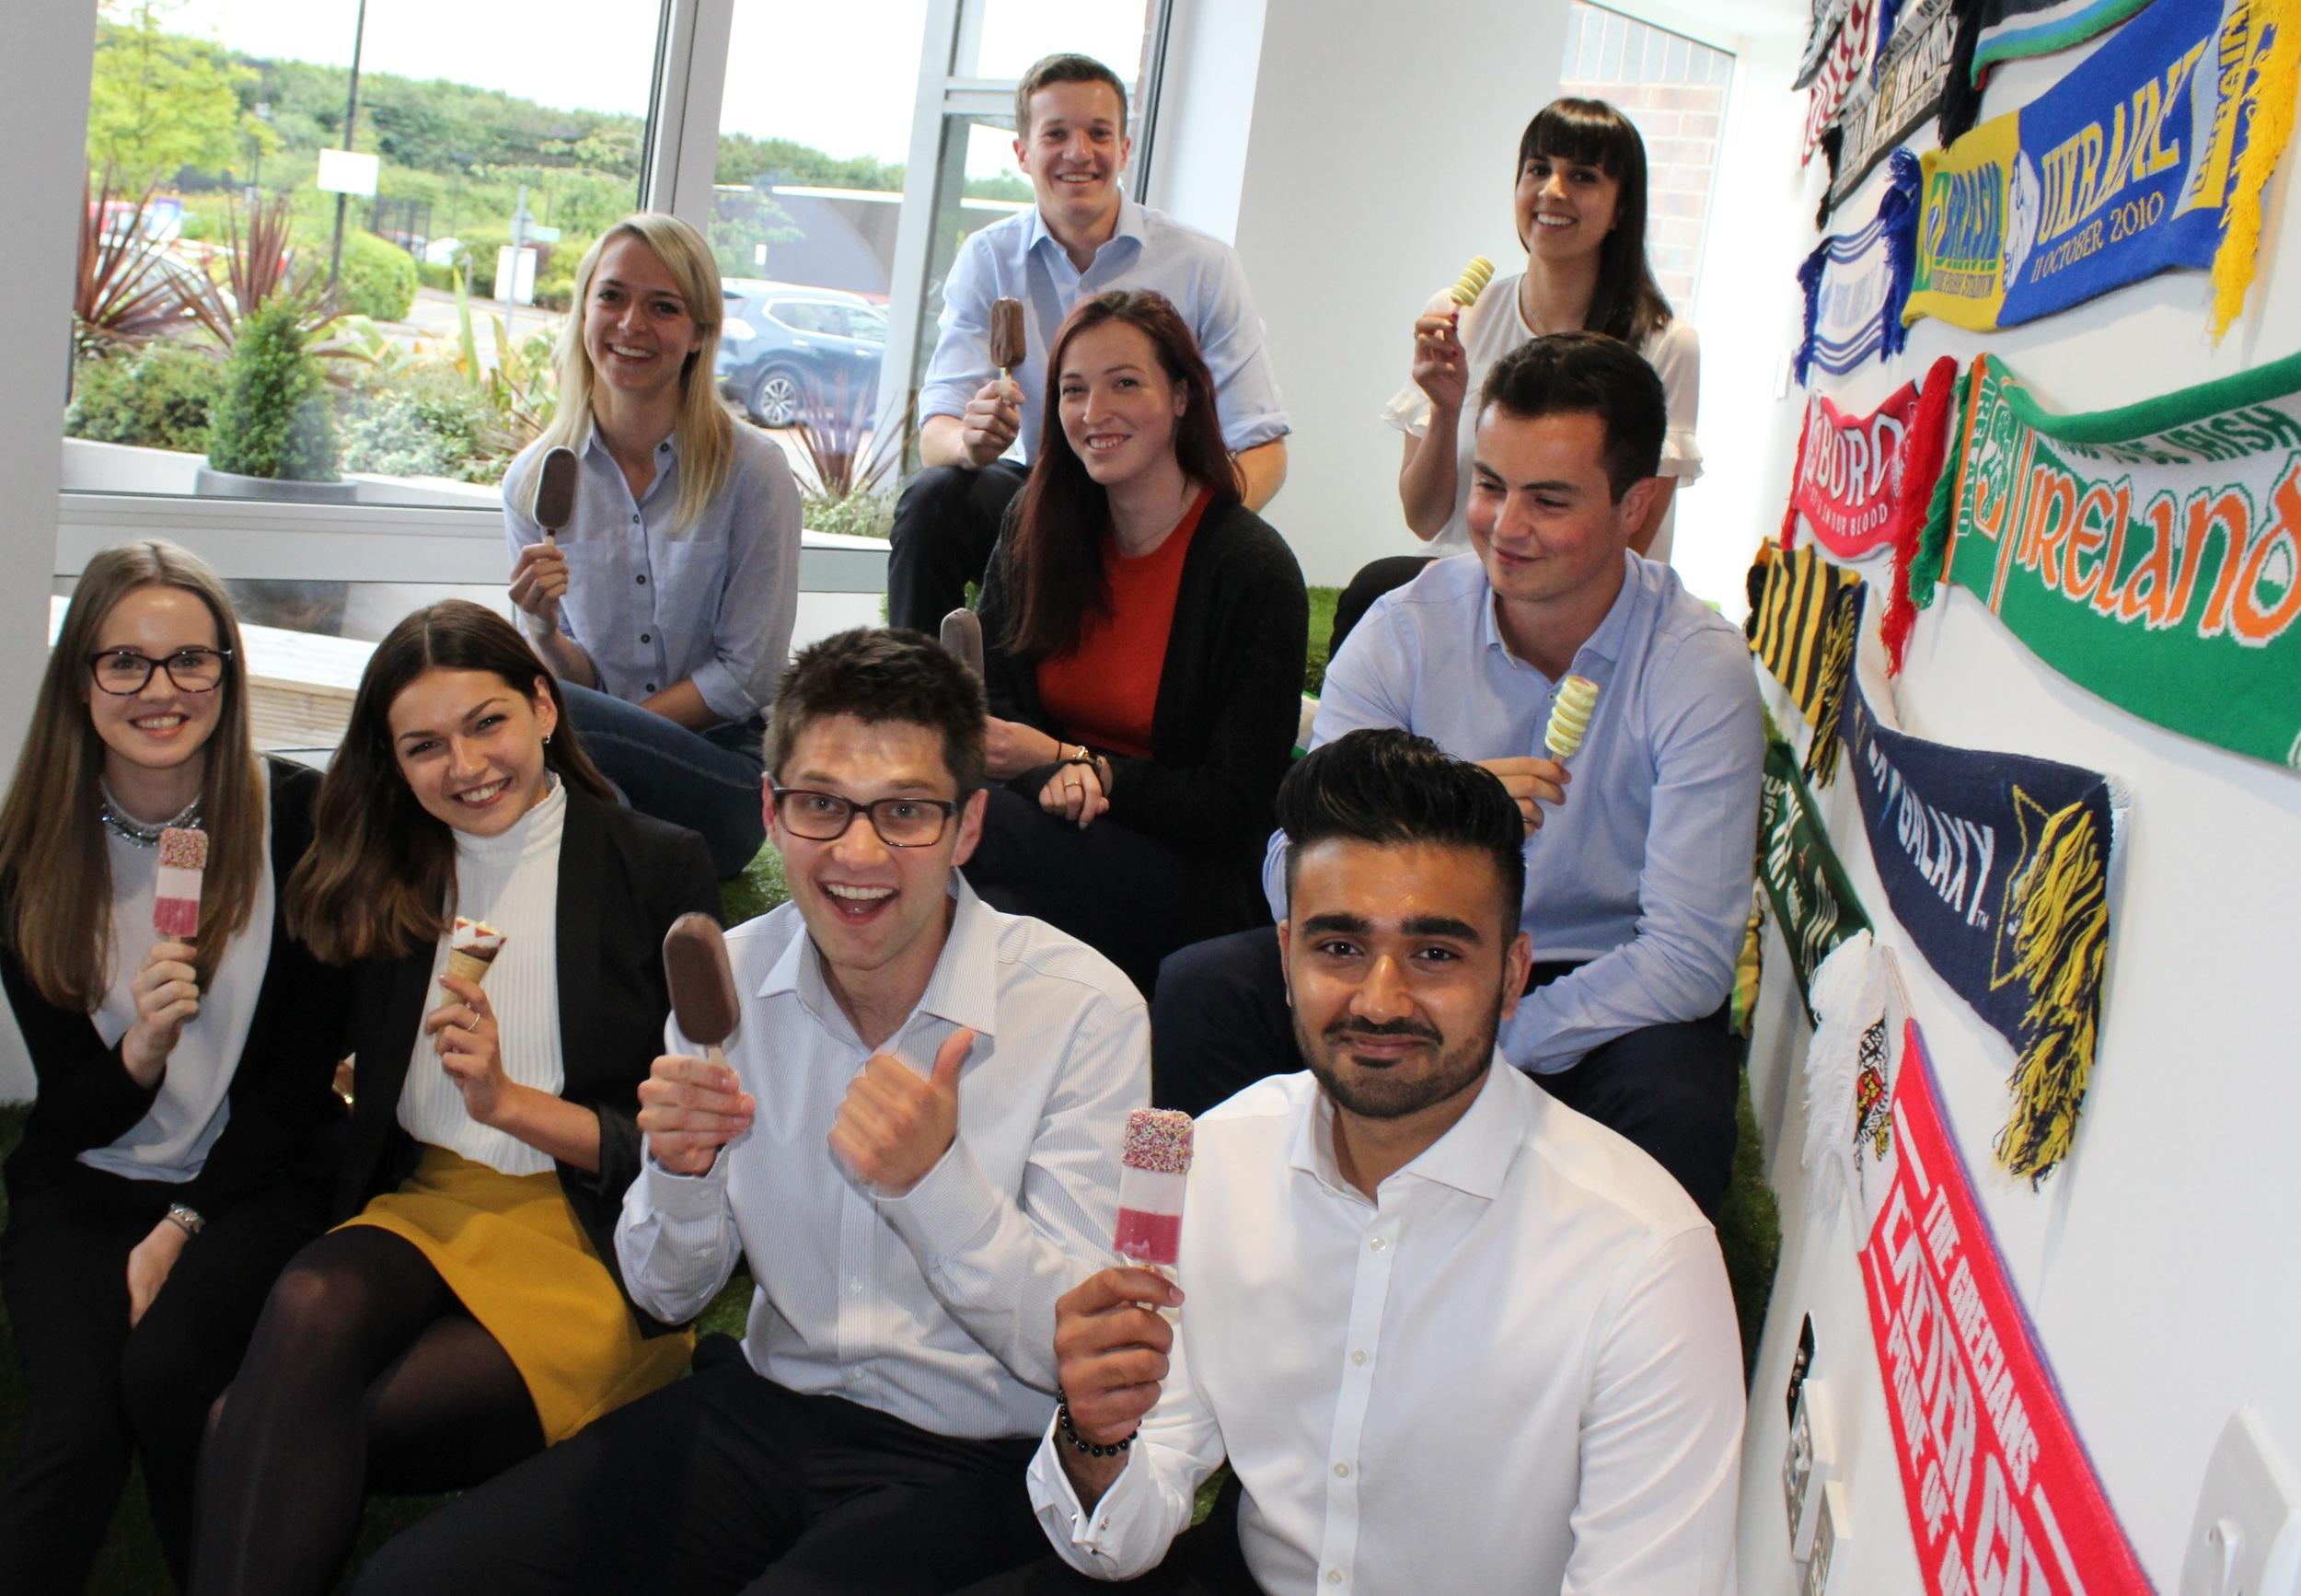 Bondholder PKF Cooper Parry's new wave of interns.